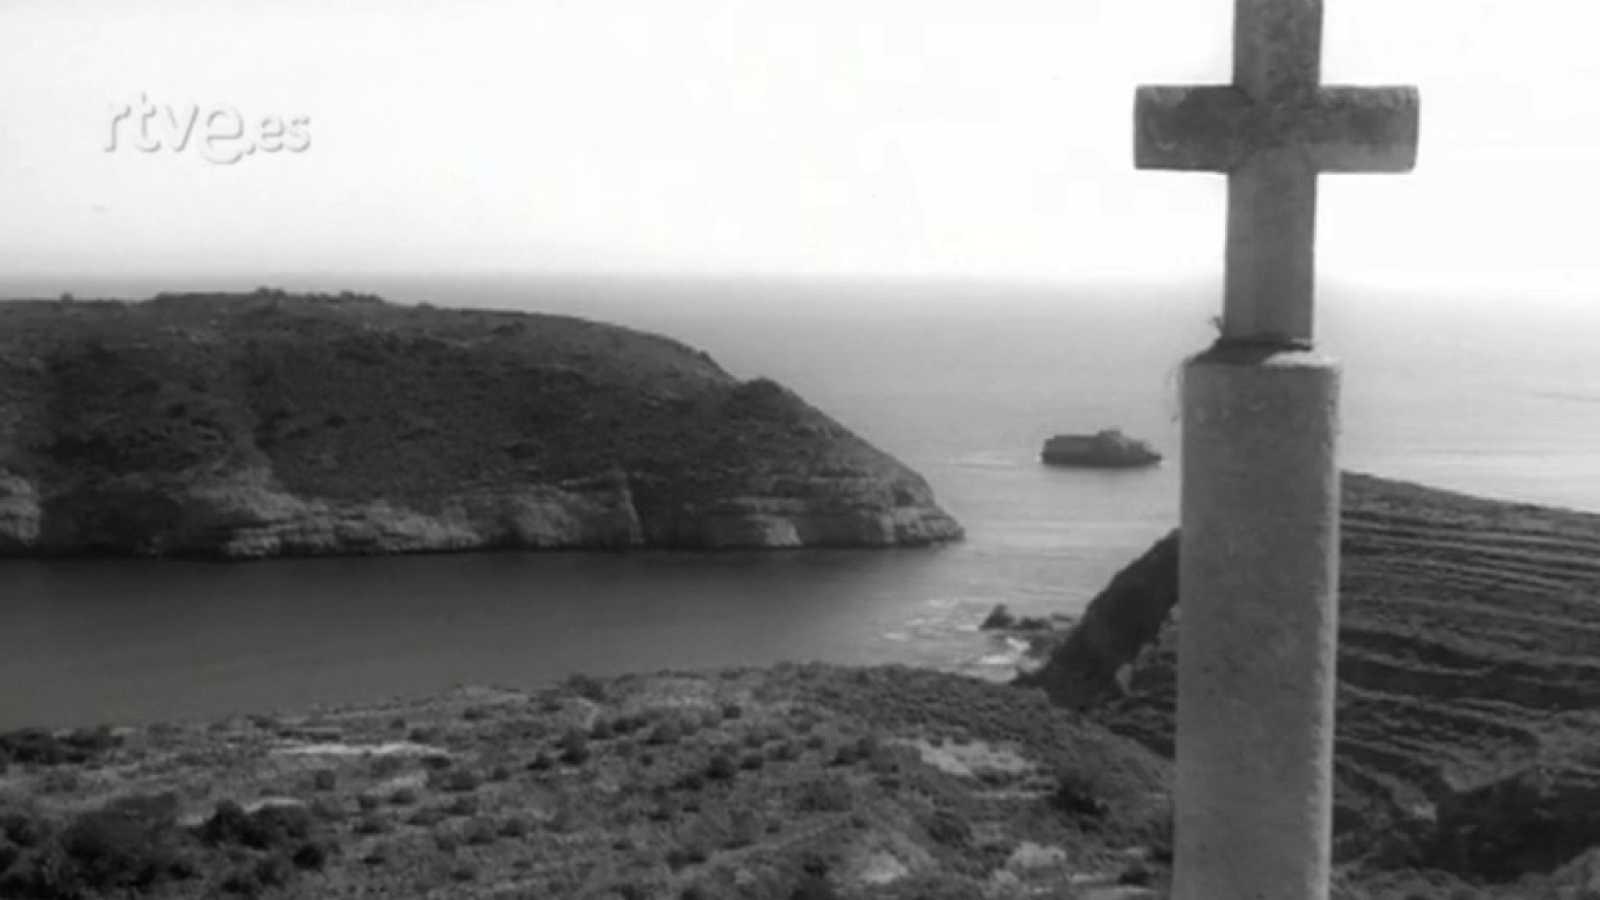 La víspera de nuestro tiempo - La Marina de Gabriel Miró